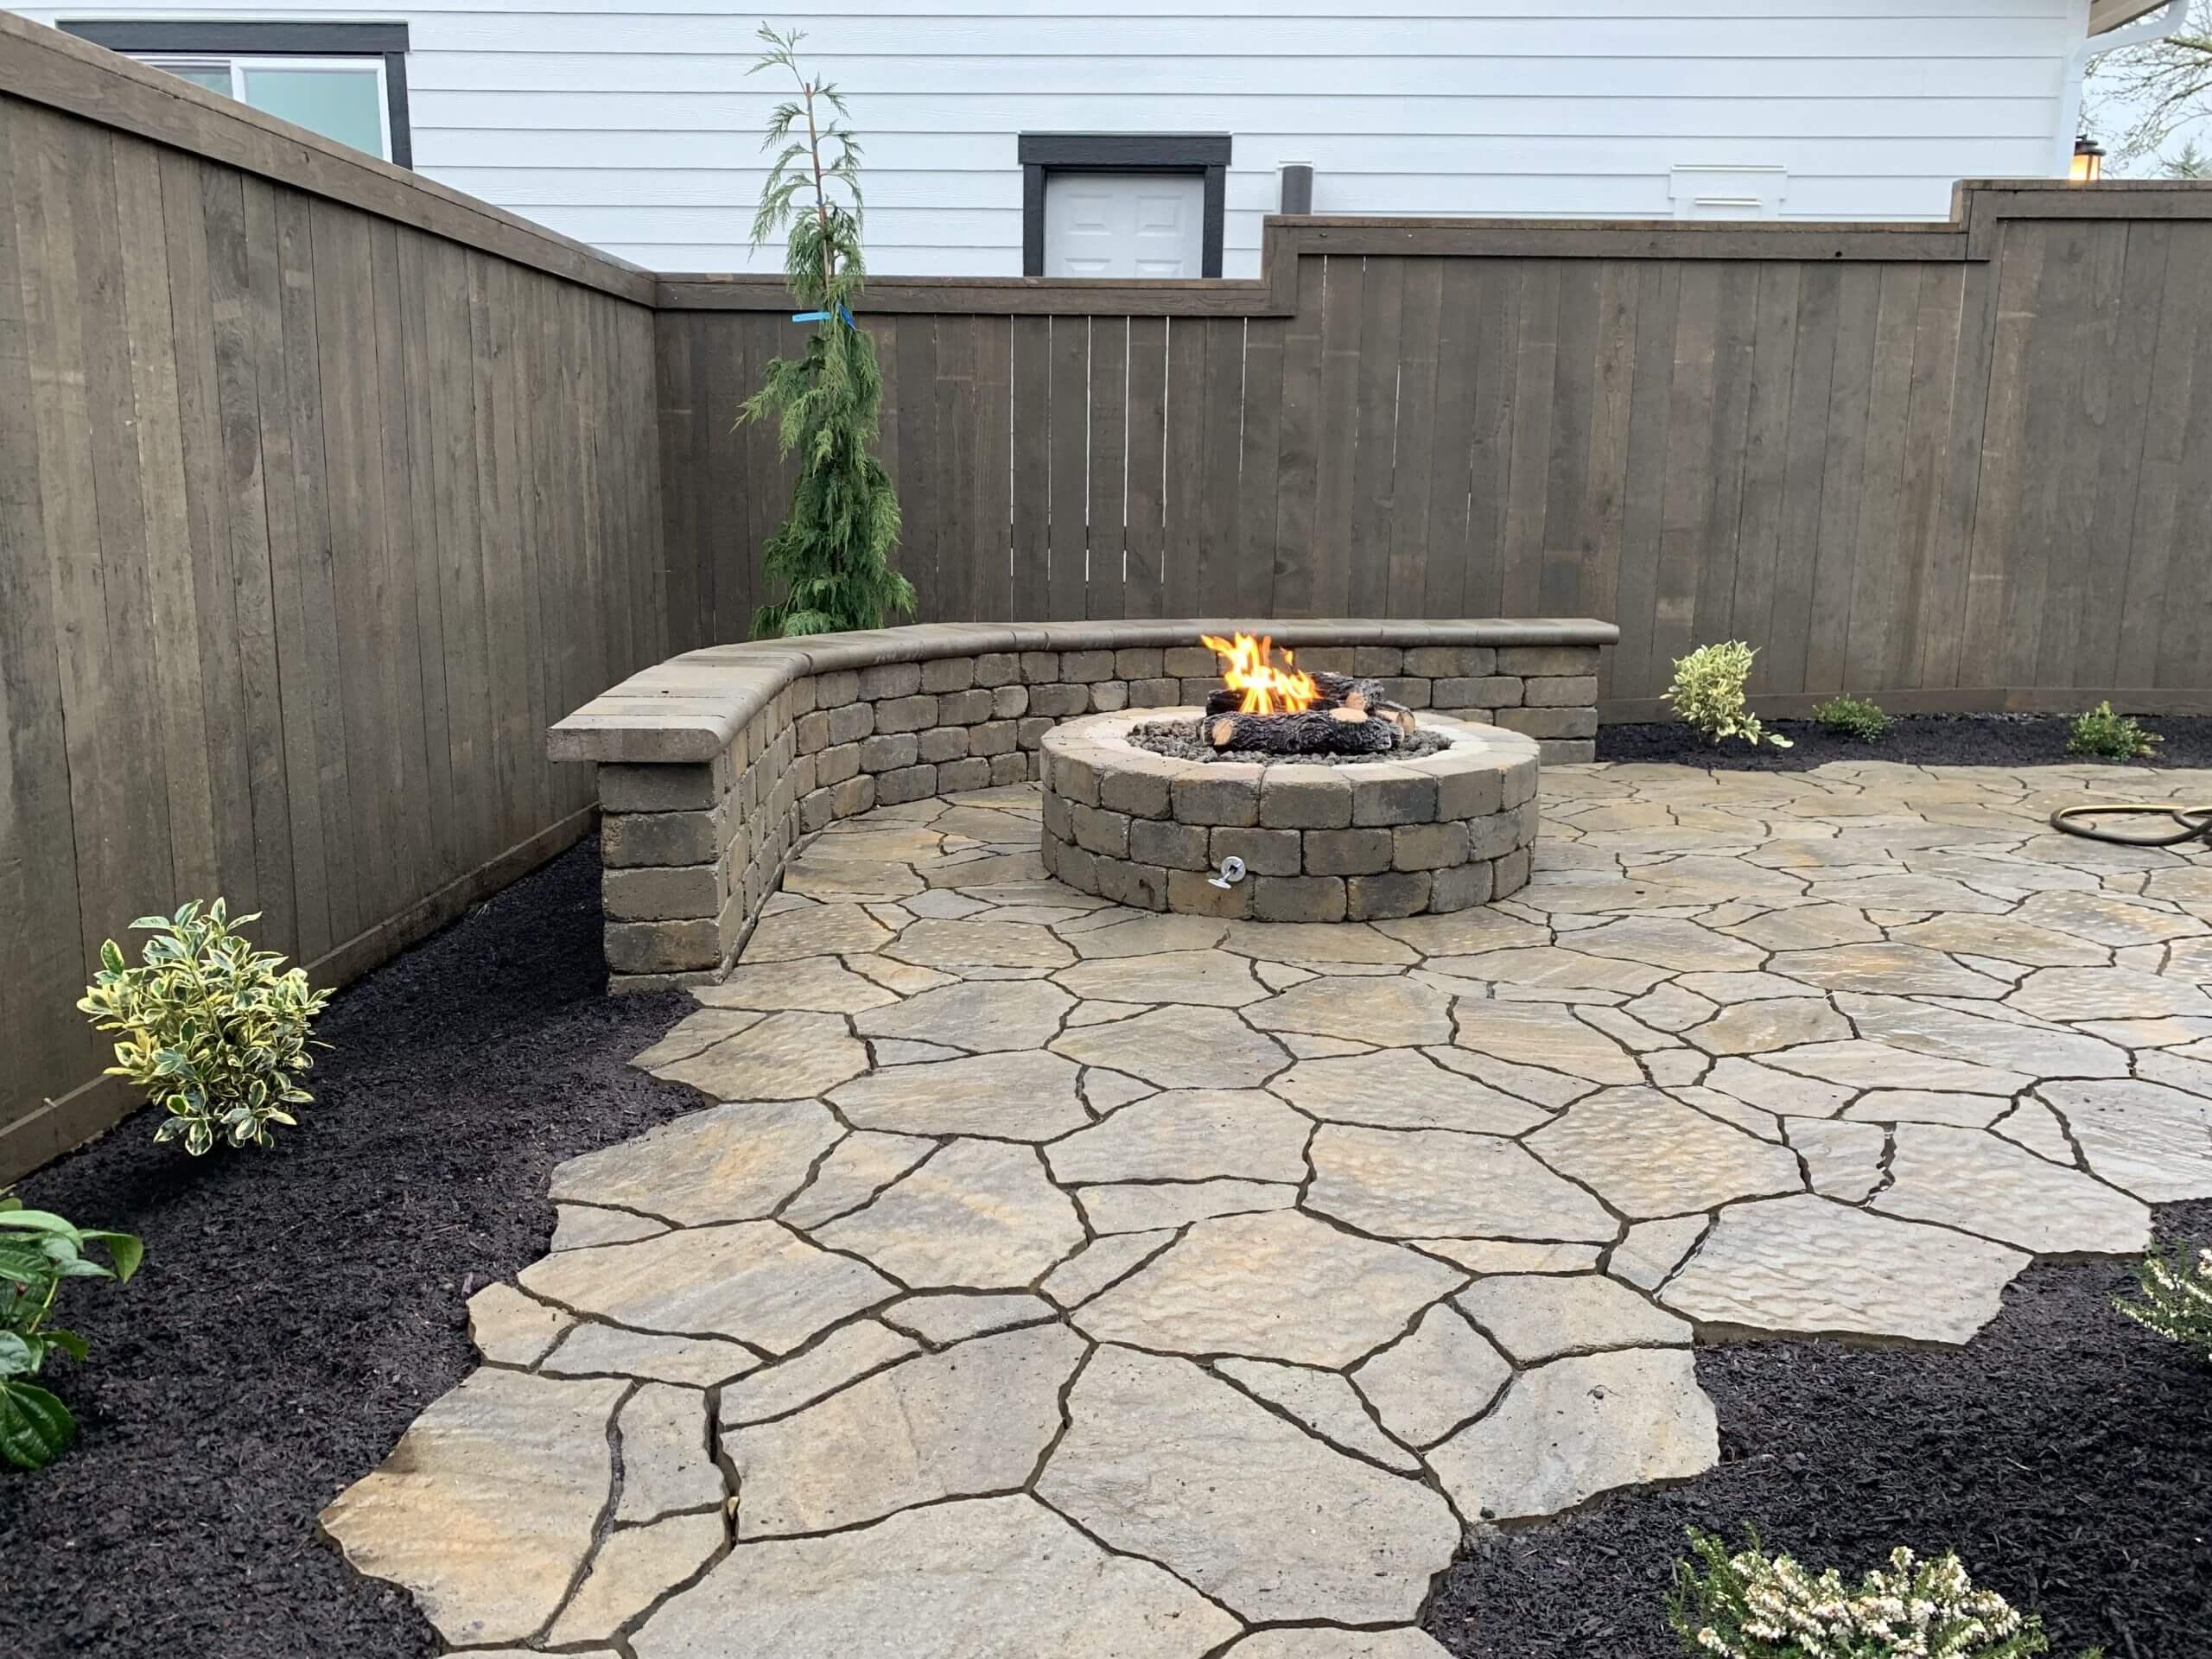 https://shovelandthumb.sfo3.digitaloceanspaces.com/firepit natural stone/firepit 2